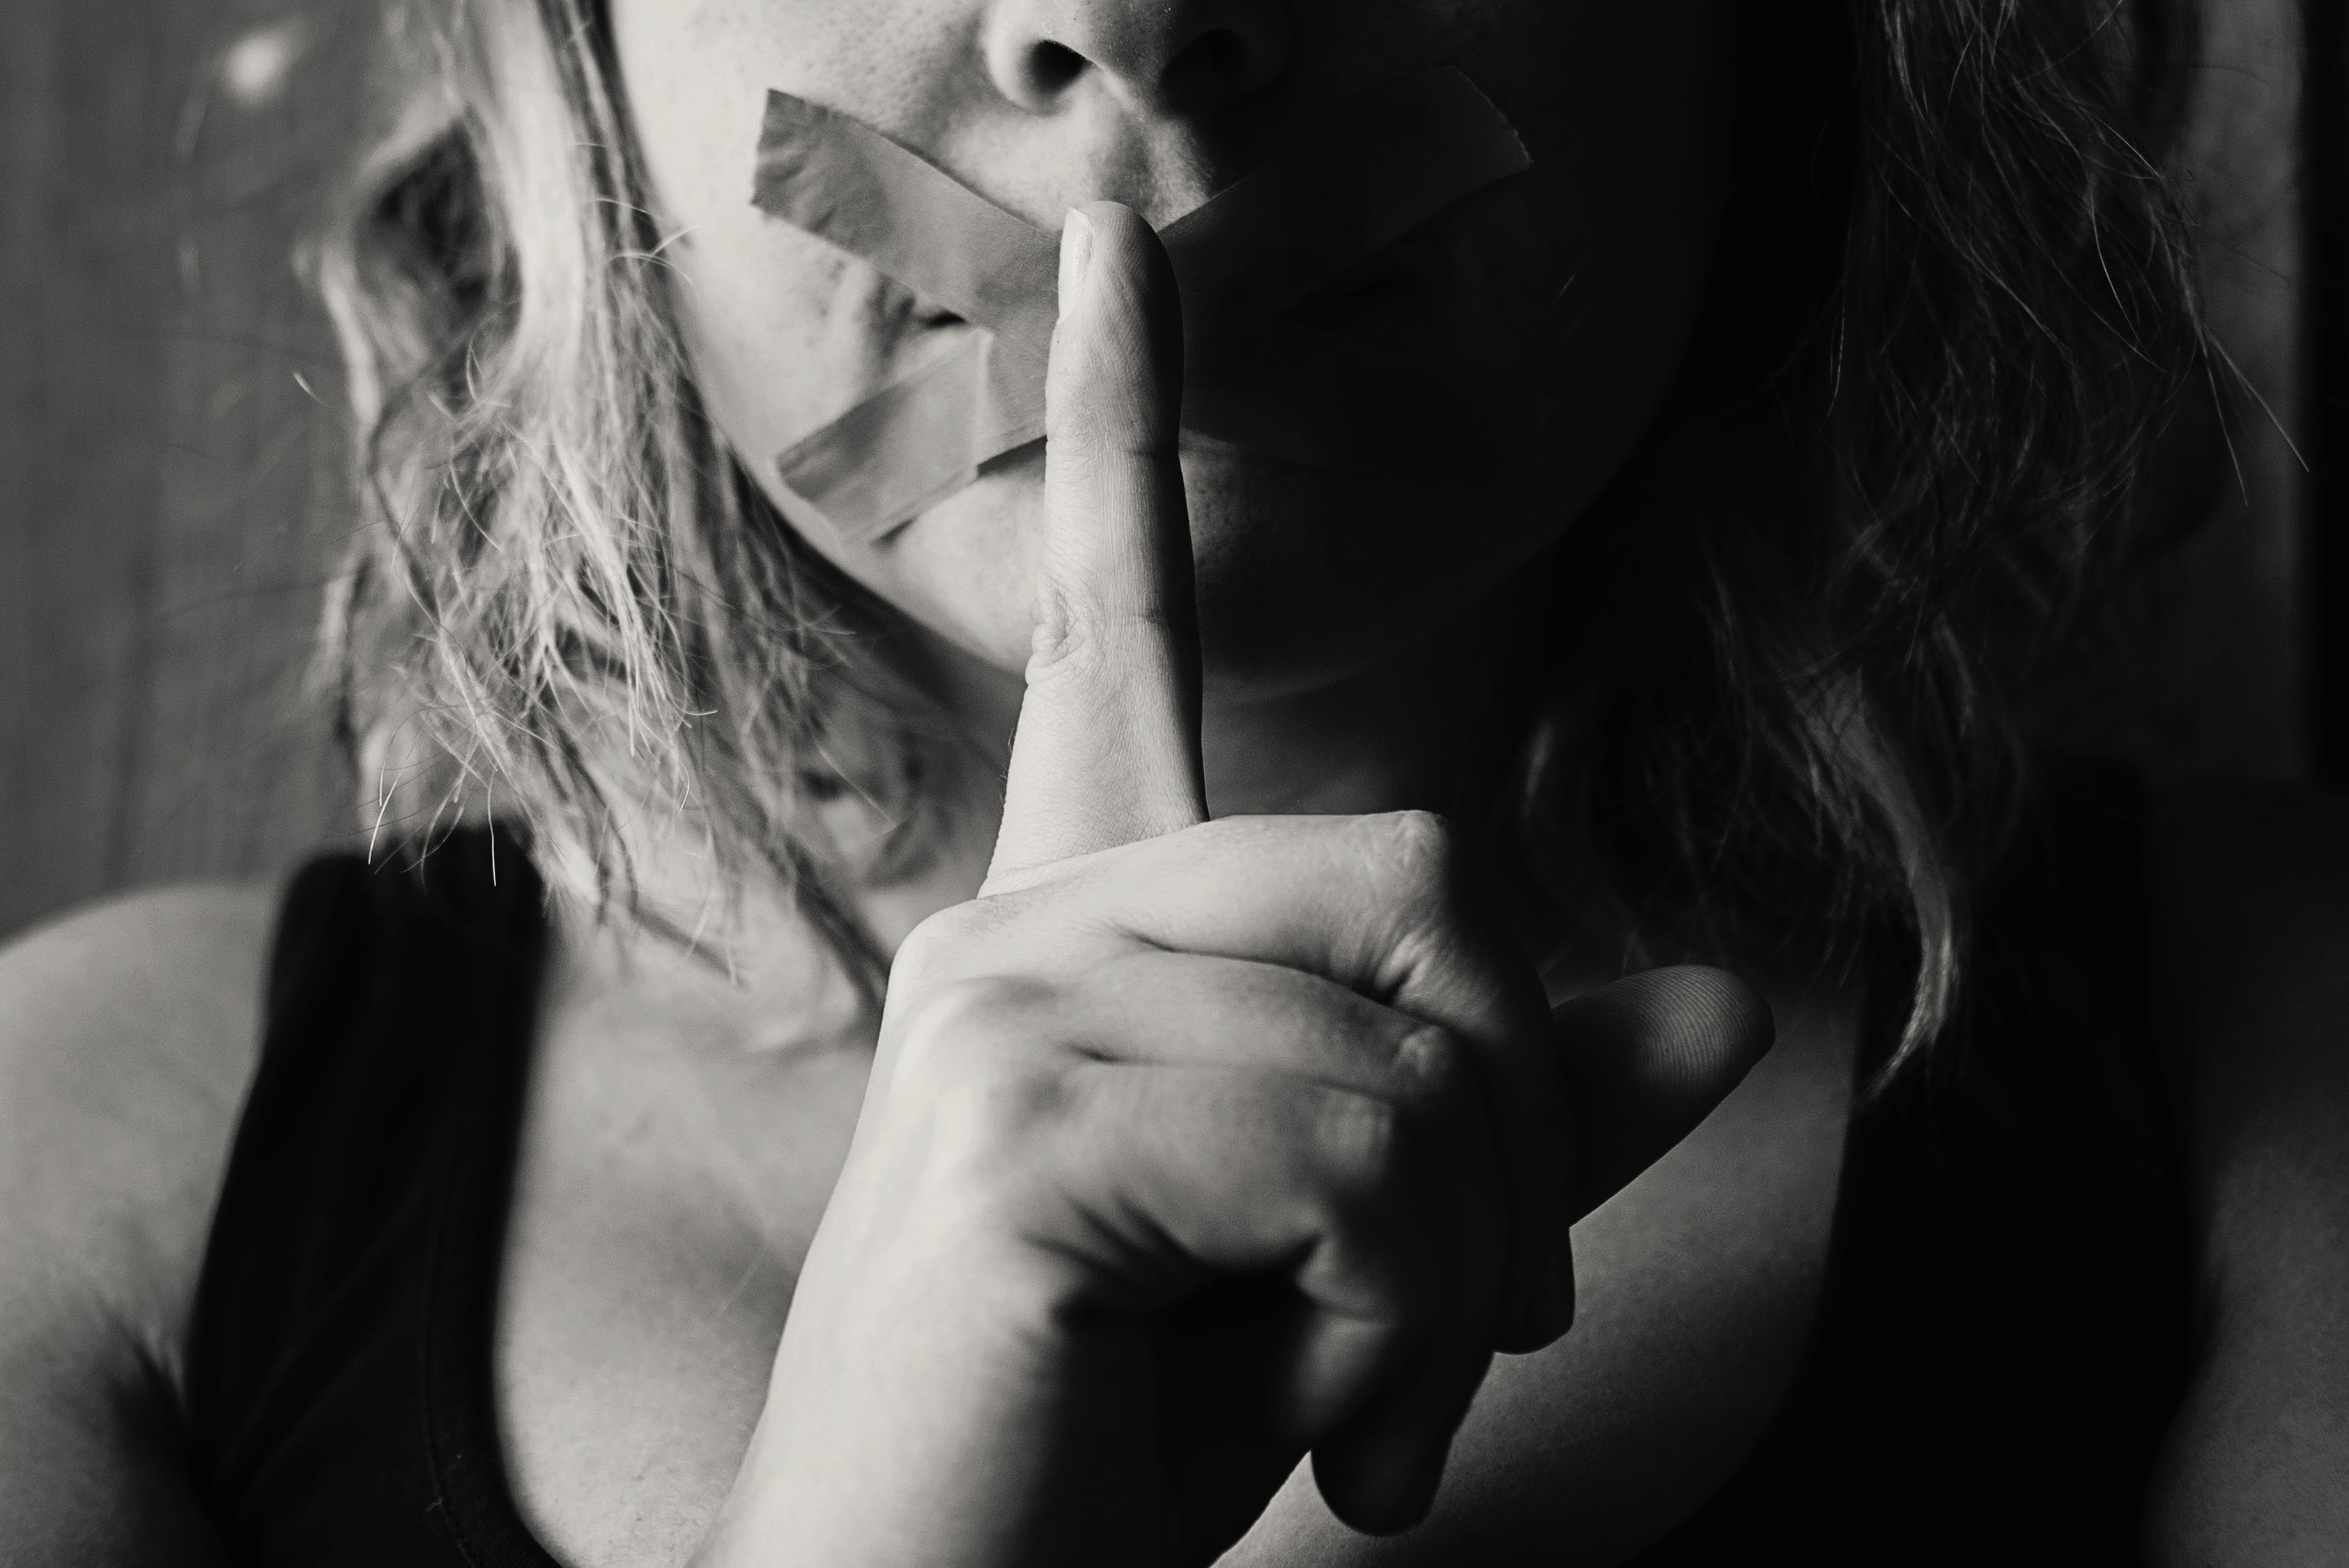 Woman Placing Her Finger Between Her Lips